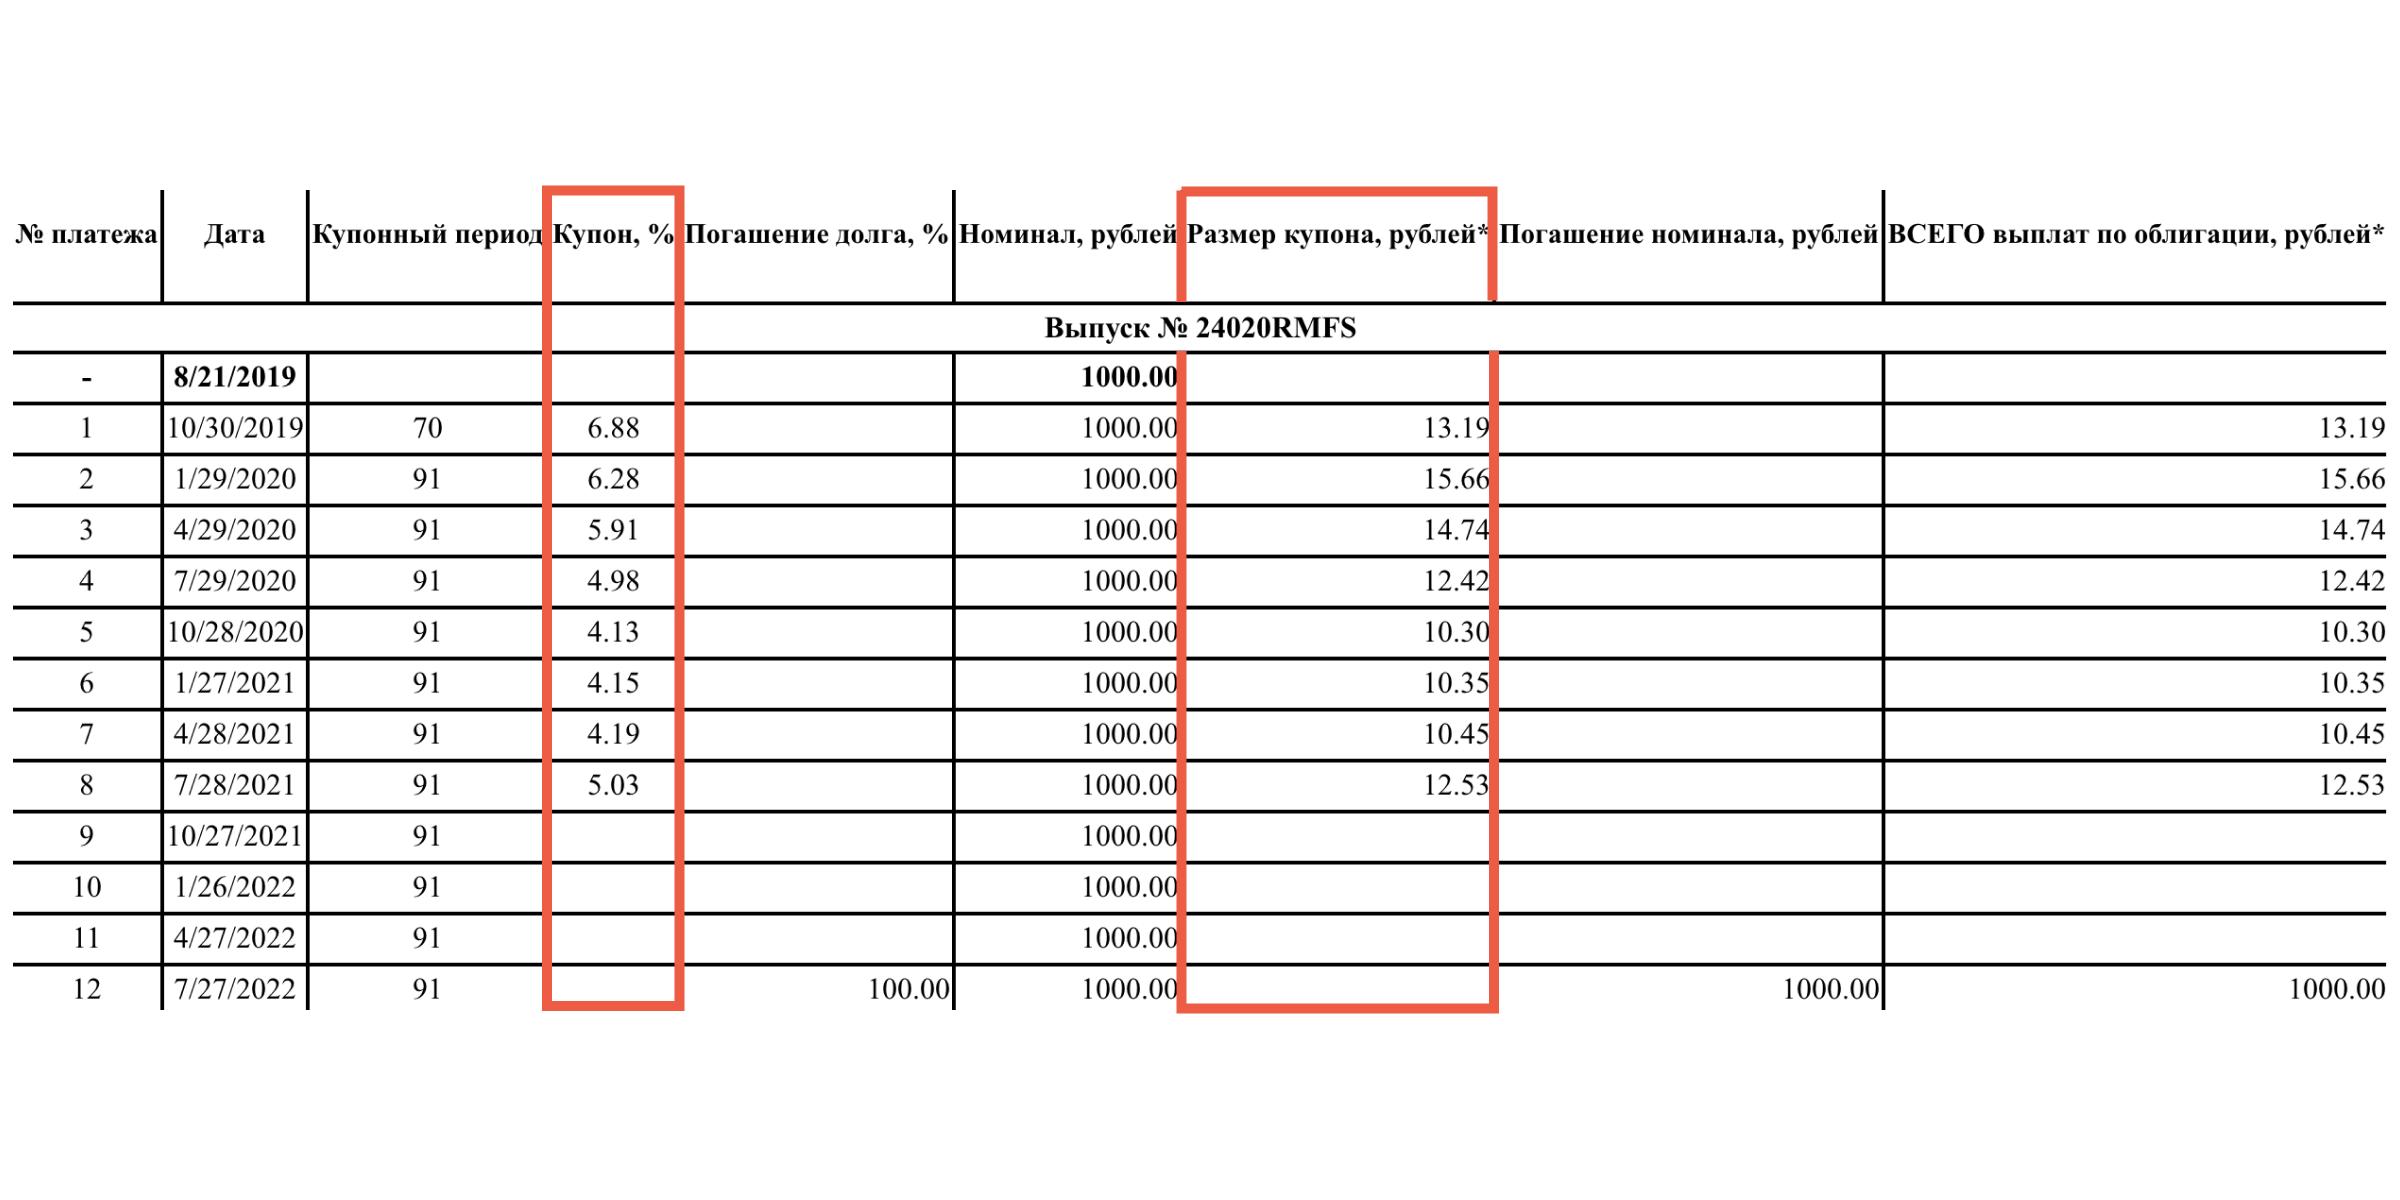 Будущие купоны по ОФЗ-ПК неизвестны, но эмитент публикует ставку и рублёвое значение уже выплаченных купонов. Они меняются вслед за ставкой Центробанка.